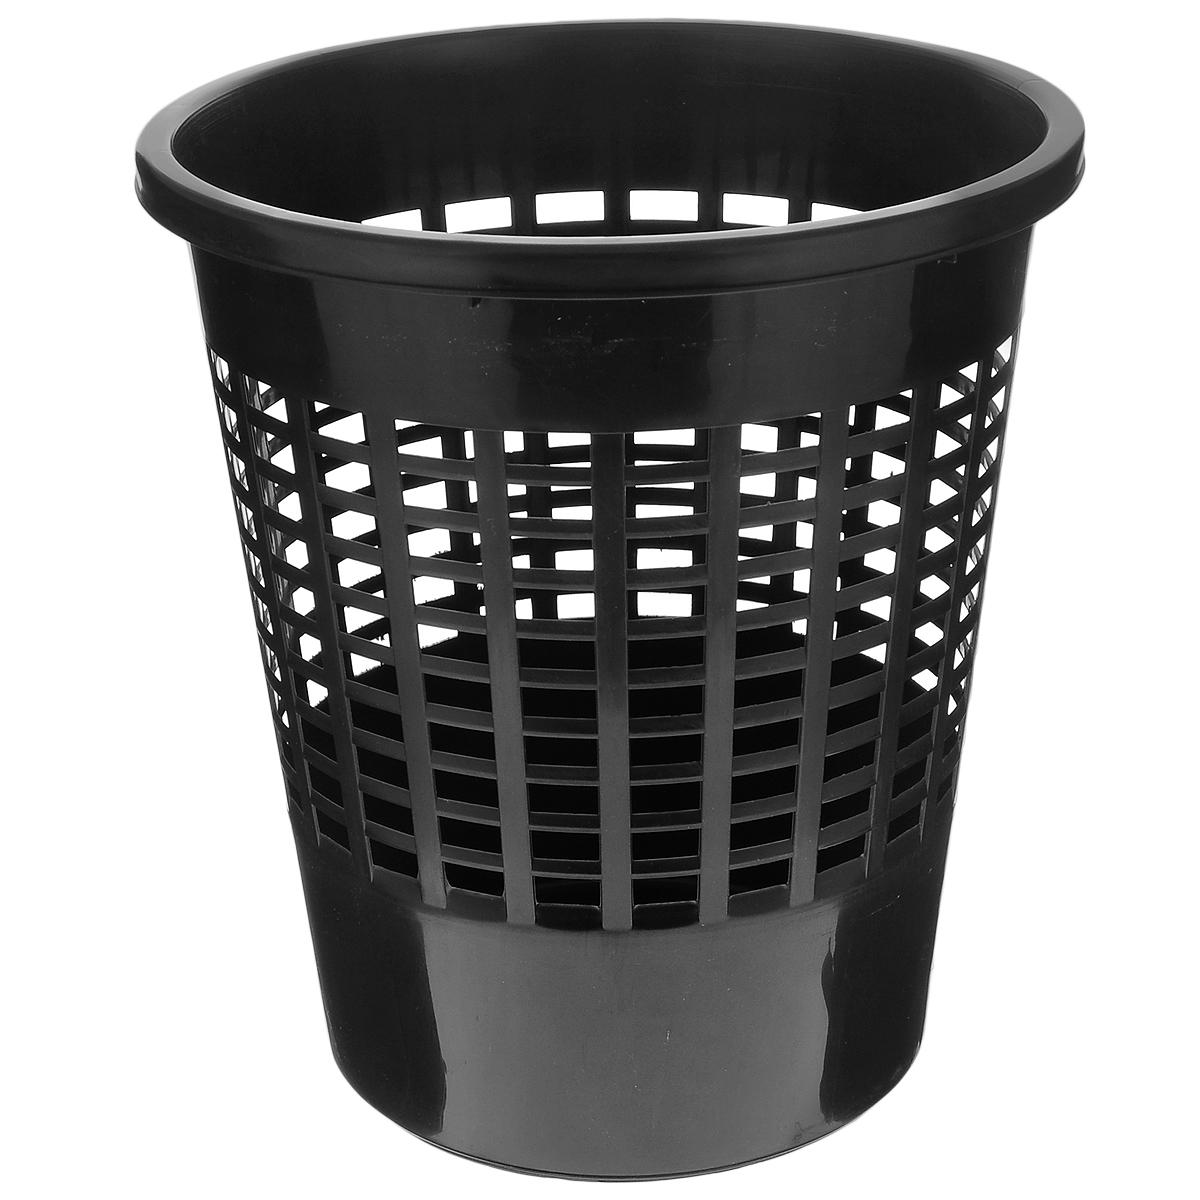 Корзина для бумаг Curver Basics, цвет: черный, высота 30 смAC-2233_серыйКорзина Curver Basics выполнена из пластика и предназначена для сбора мелкого мусора и бумаг. Стенки корзины оформлены перфорацией. Корзина впишется в интерьер гостиной, спальни, офиса или кабинета. Диаметр корзины: 27 см. Высота корзины: 30 см.